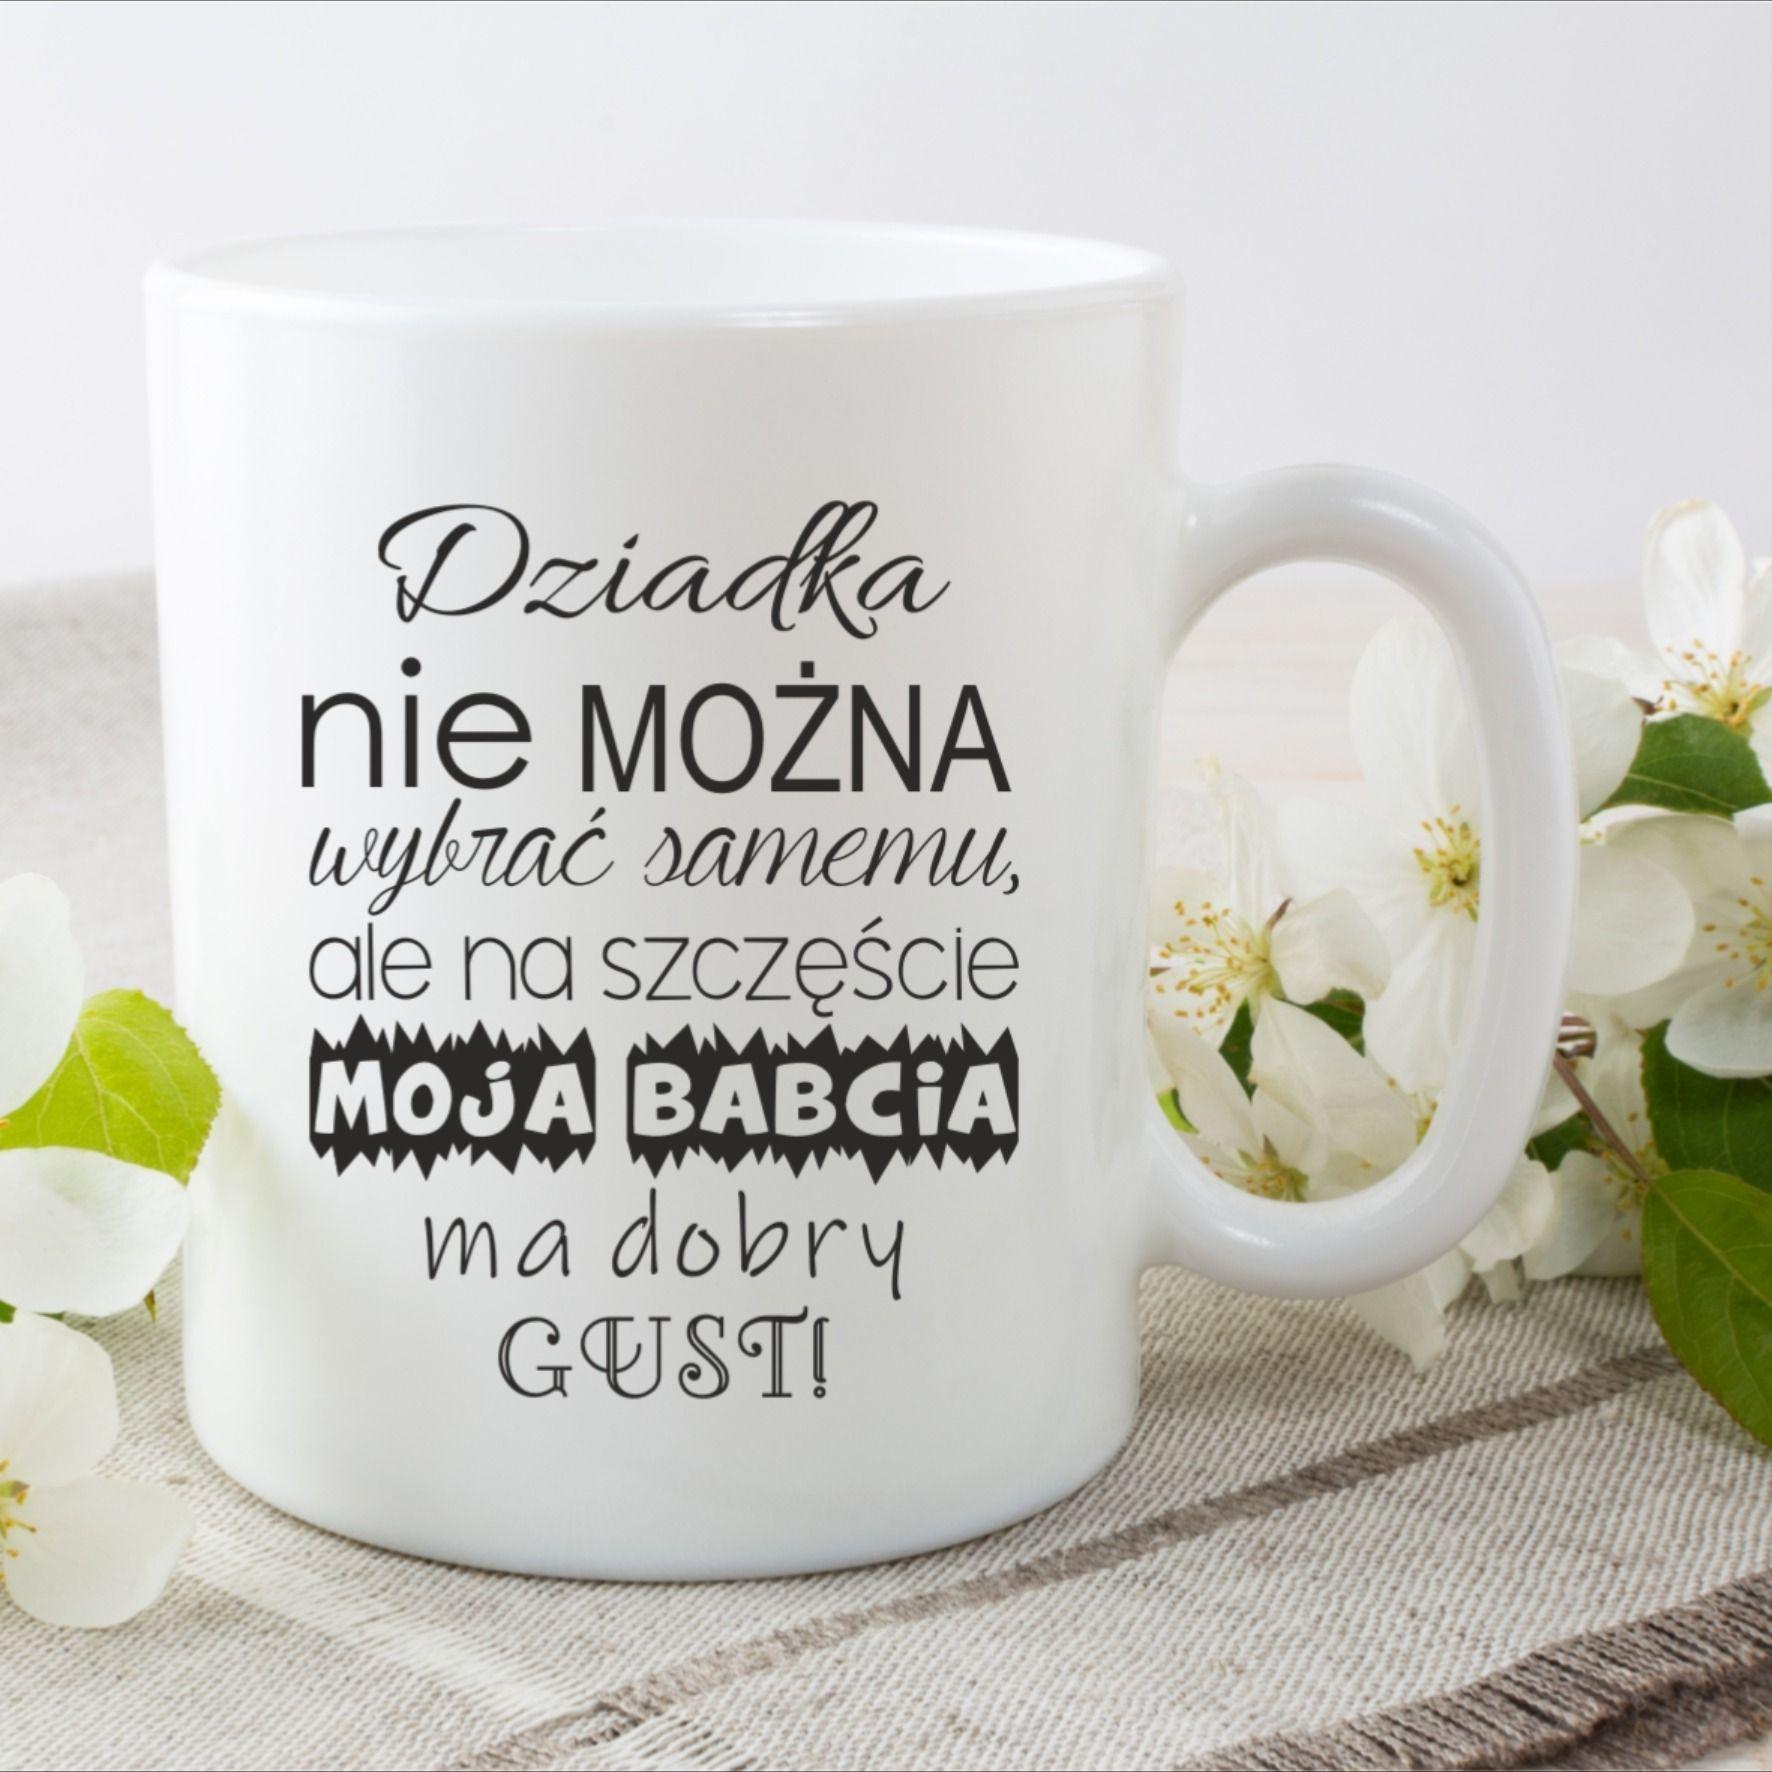 Kubek Na Dzien Dziadka Glassware Tableware Mugs